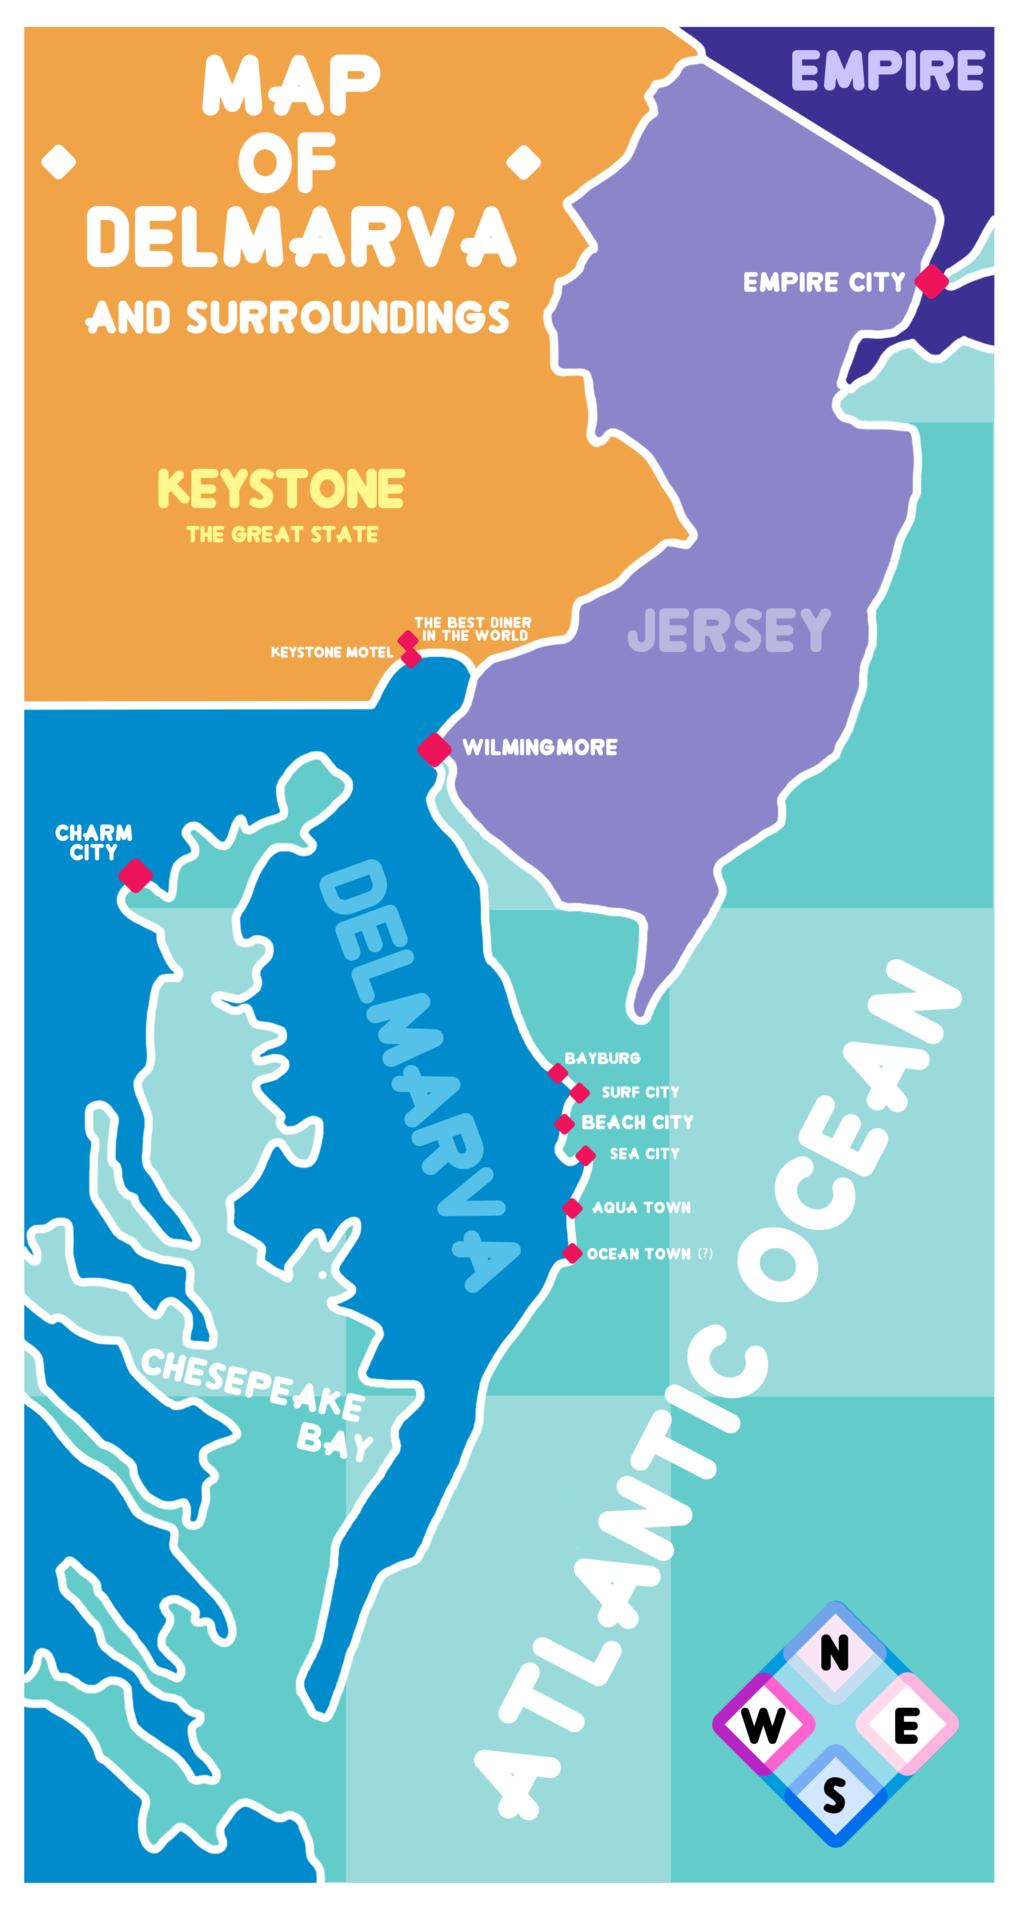 Steven Universe Map Of Delmarva